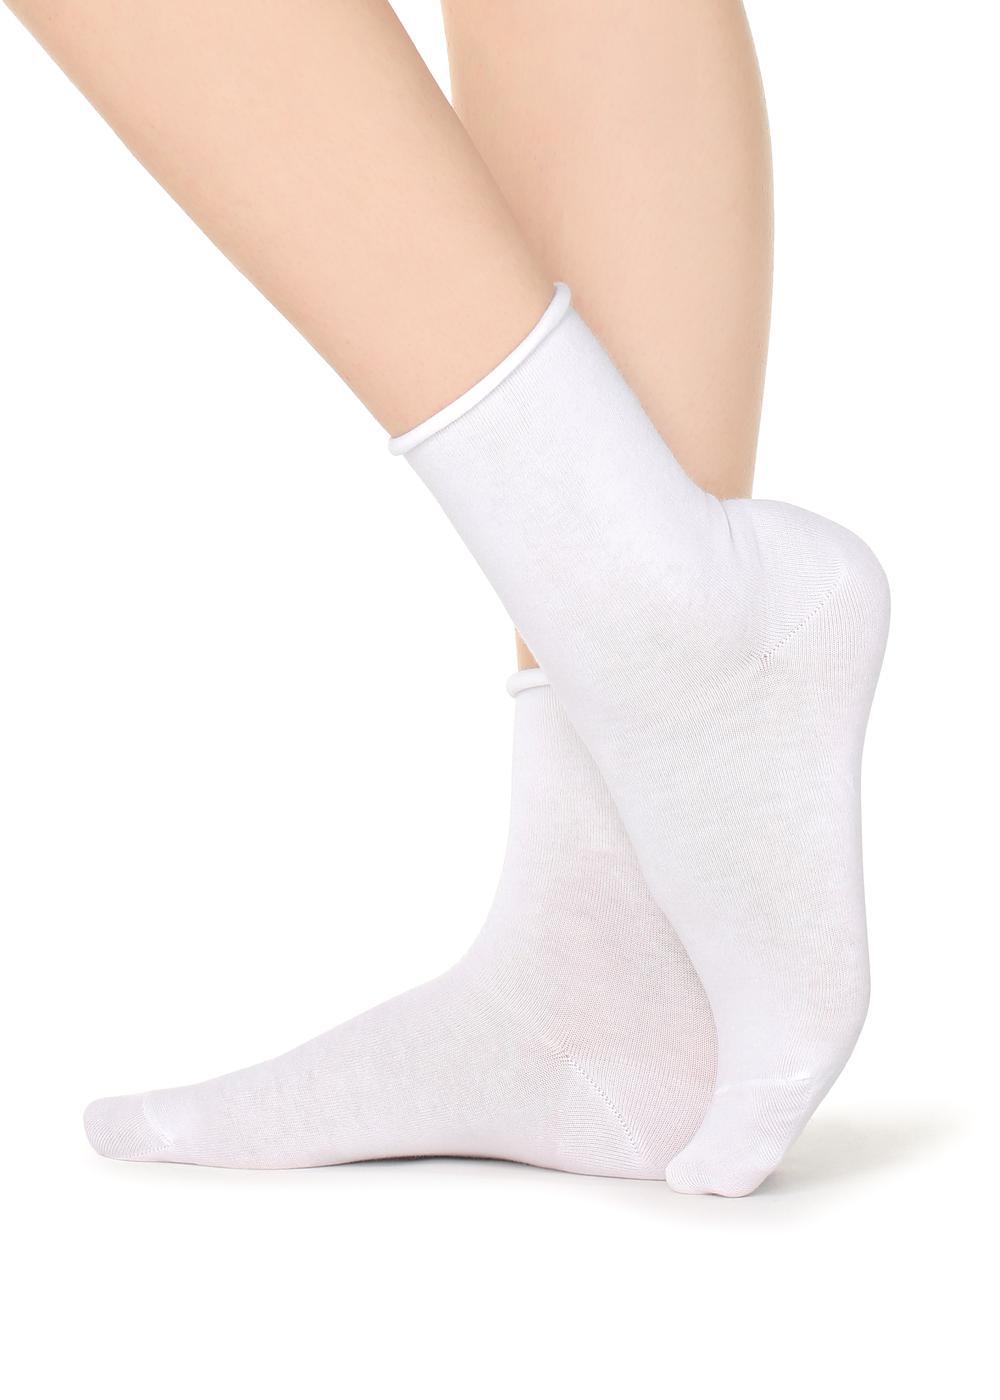 Kurze Socken aus Baumwolle Bündchen mit offen verarbeiteten Kanten.